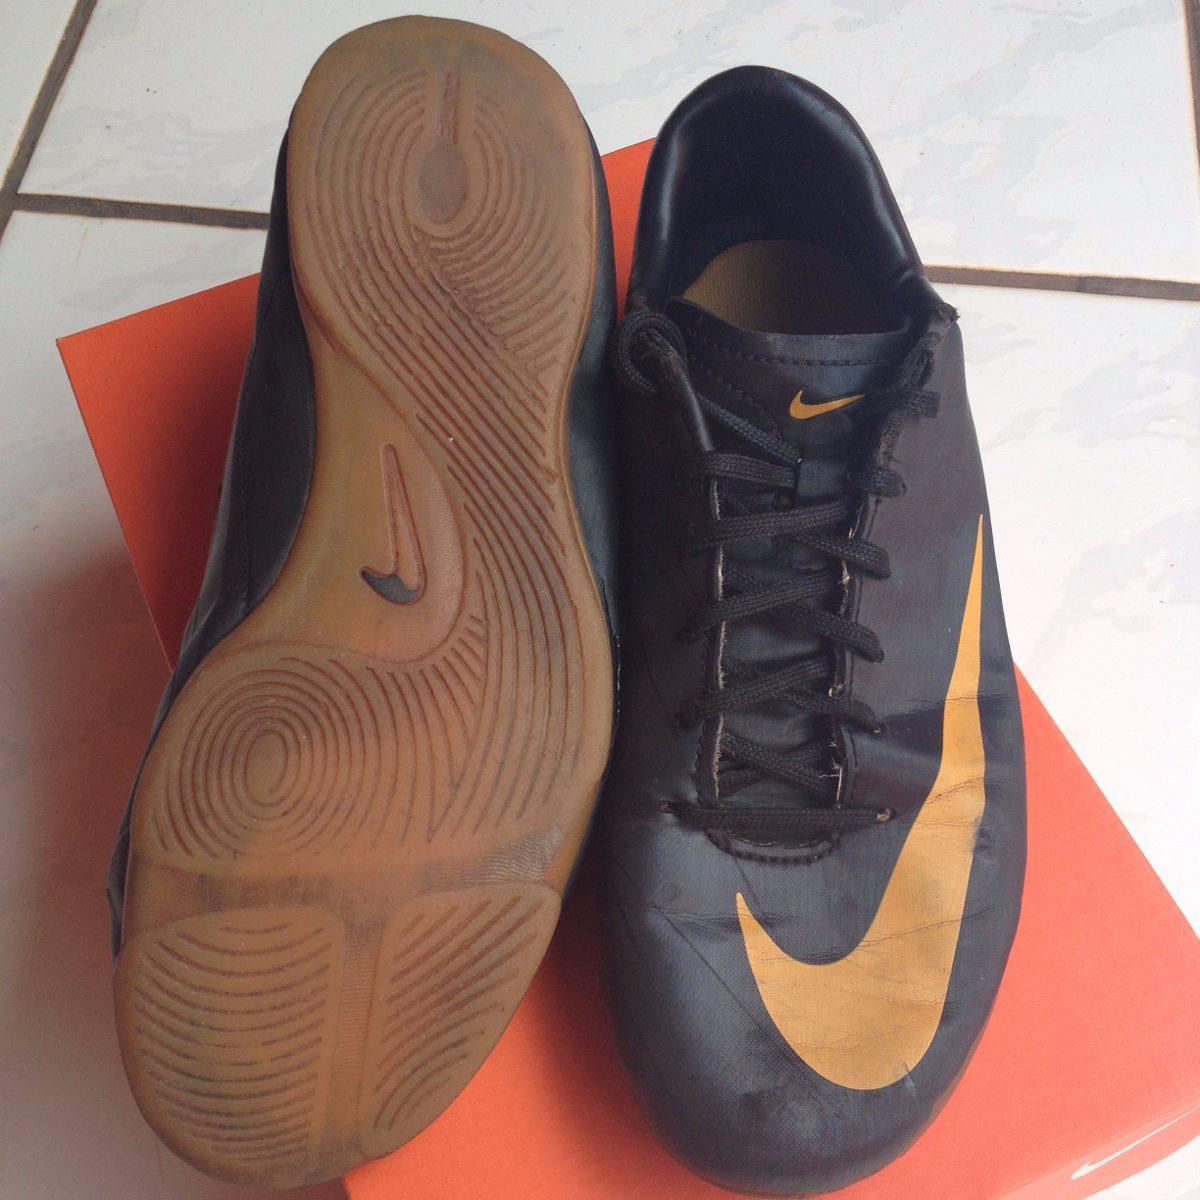 9d29ae5c128ed Chuteira Futsal Nike Mercurial Primeira Linha Preto laranja - R  32 ...